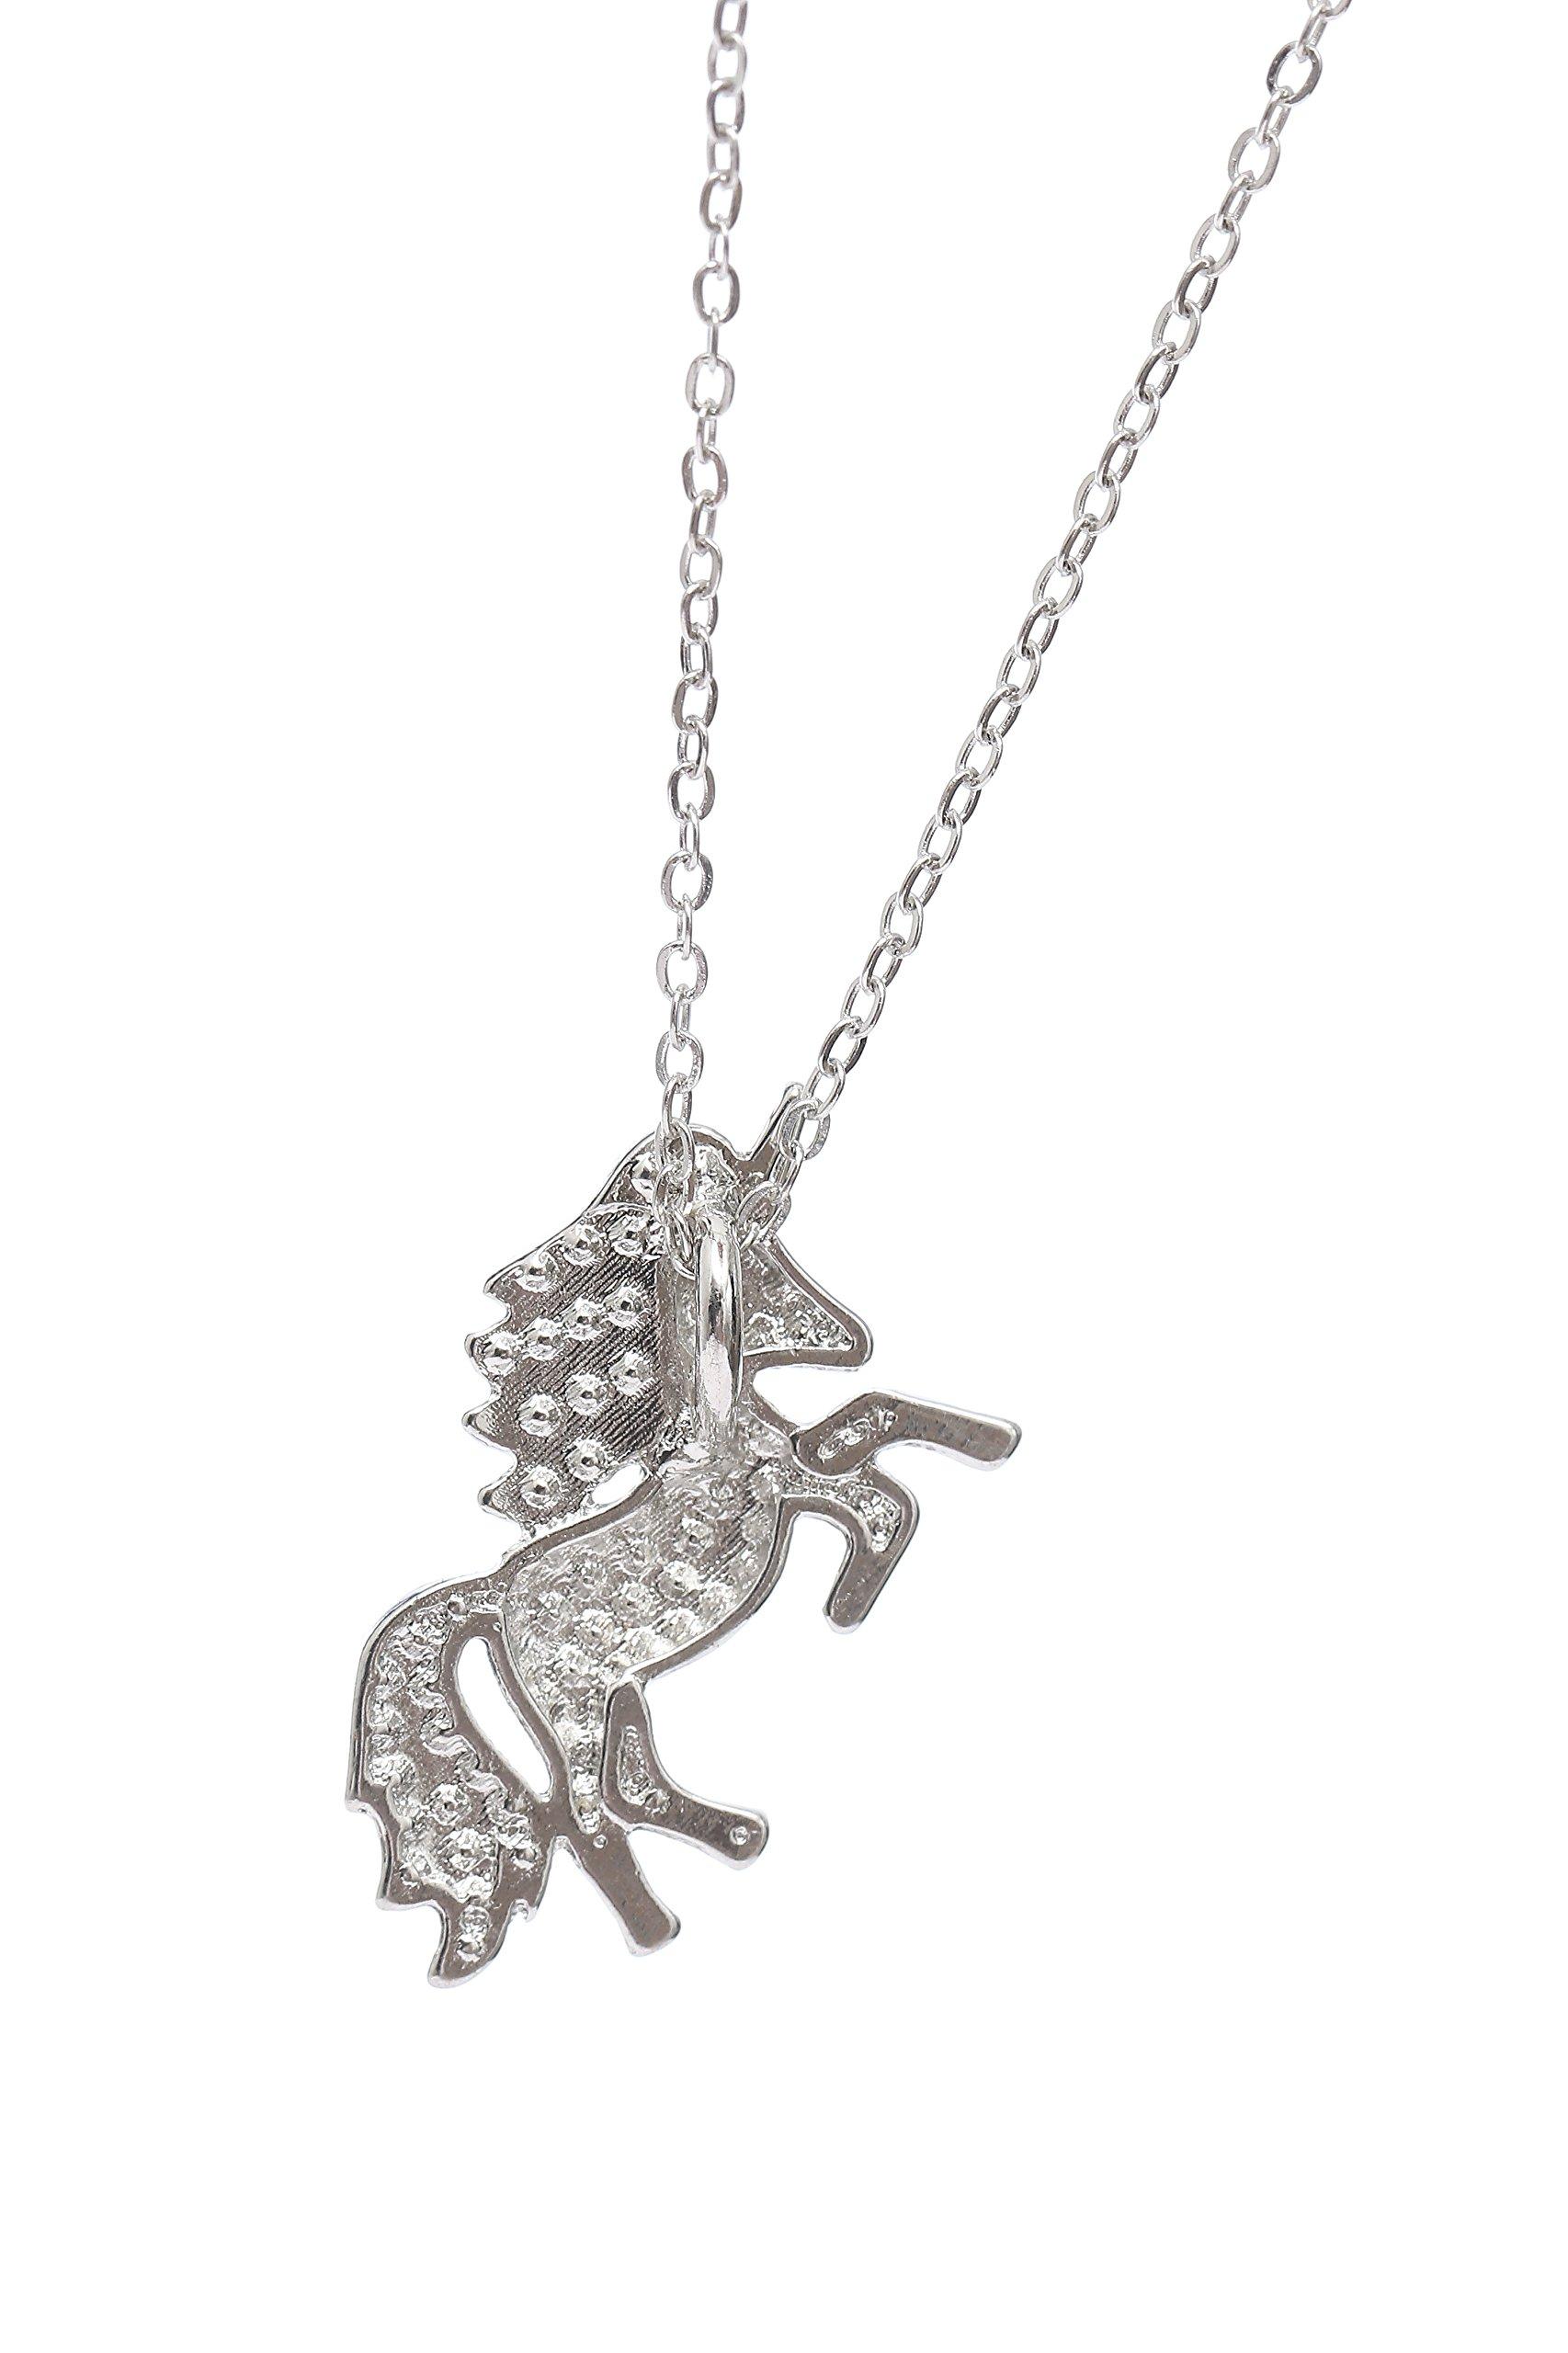 MUHU Fashion Rainbow Rhinestones Unicorn Pendant Necklace 10